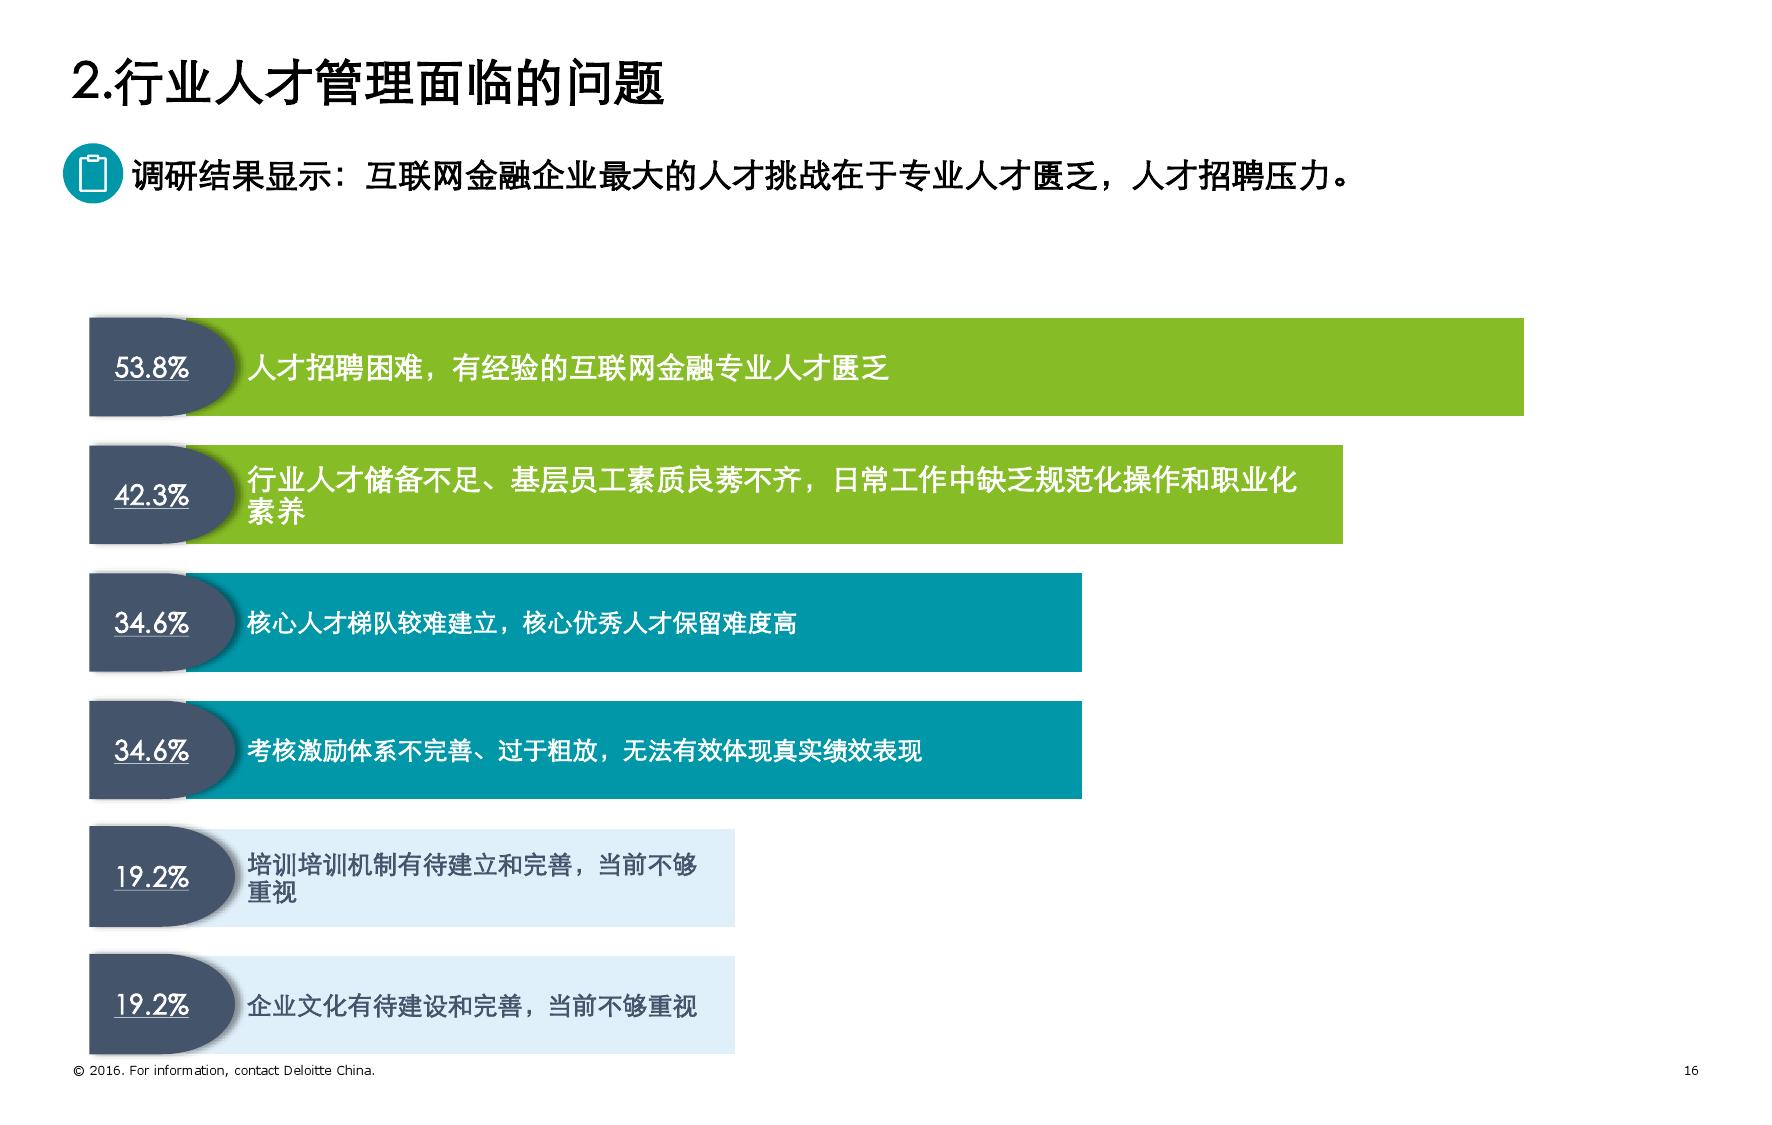 2016年互联网金融行业人力资源管理暨薪酬激励调研报告_000016